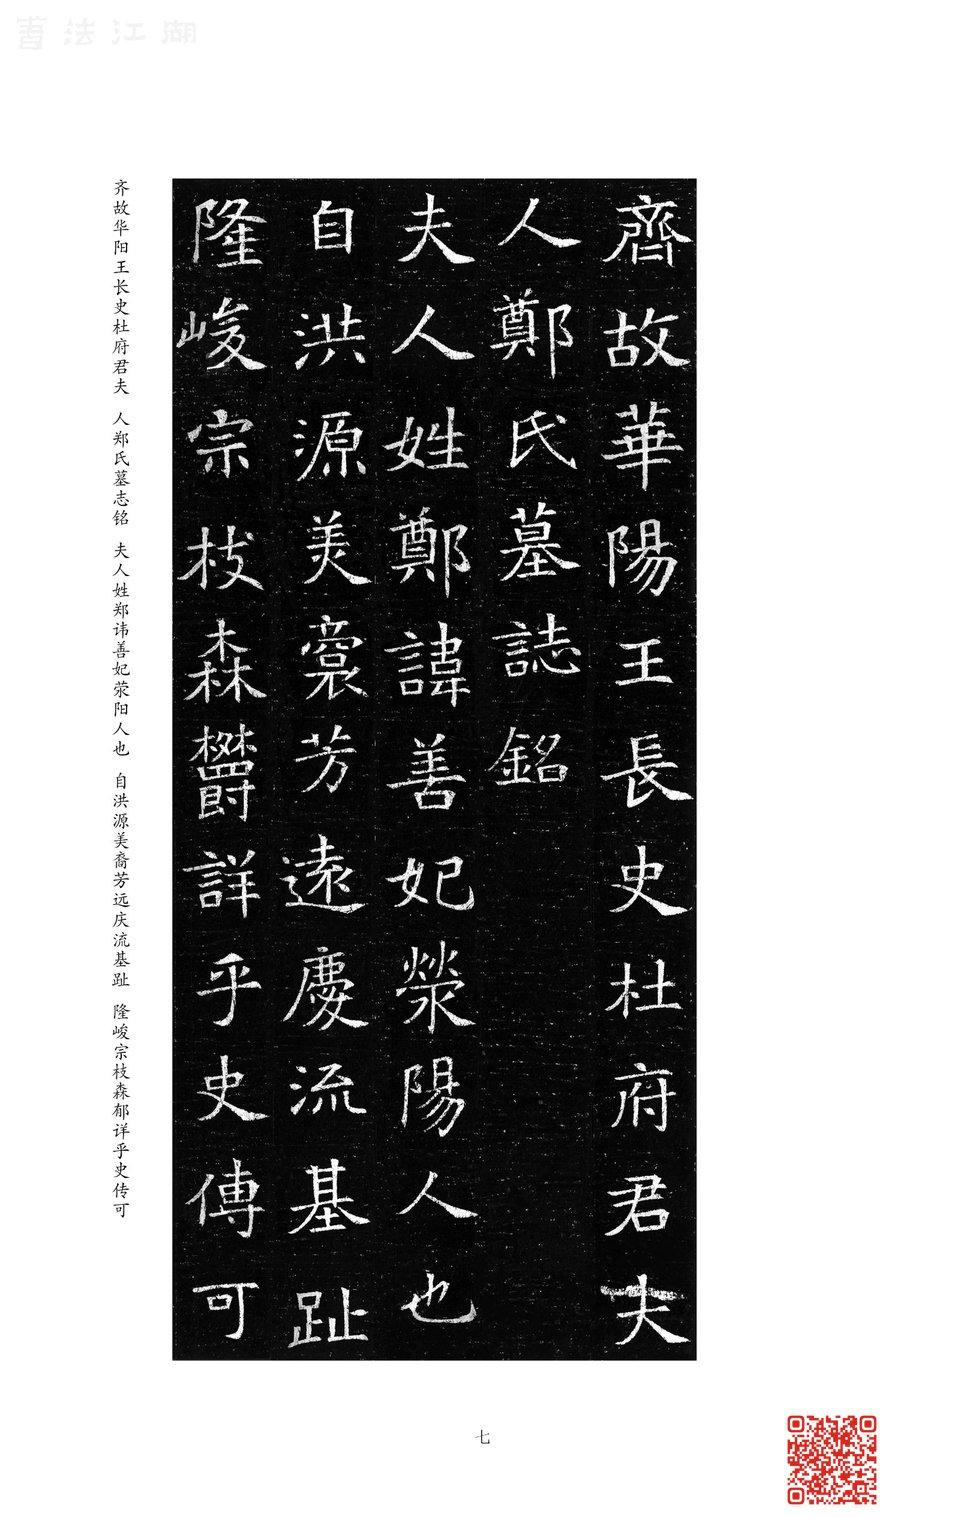 2-楷书发展(下)从隋到唐走向成熟-内页11.jpg